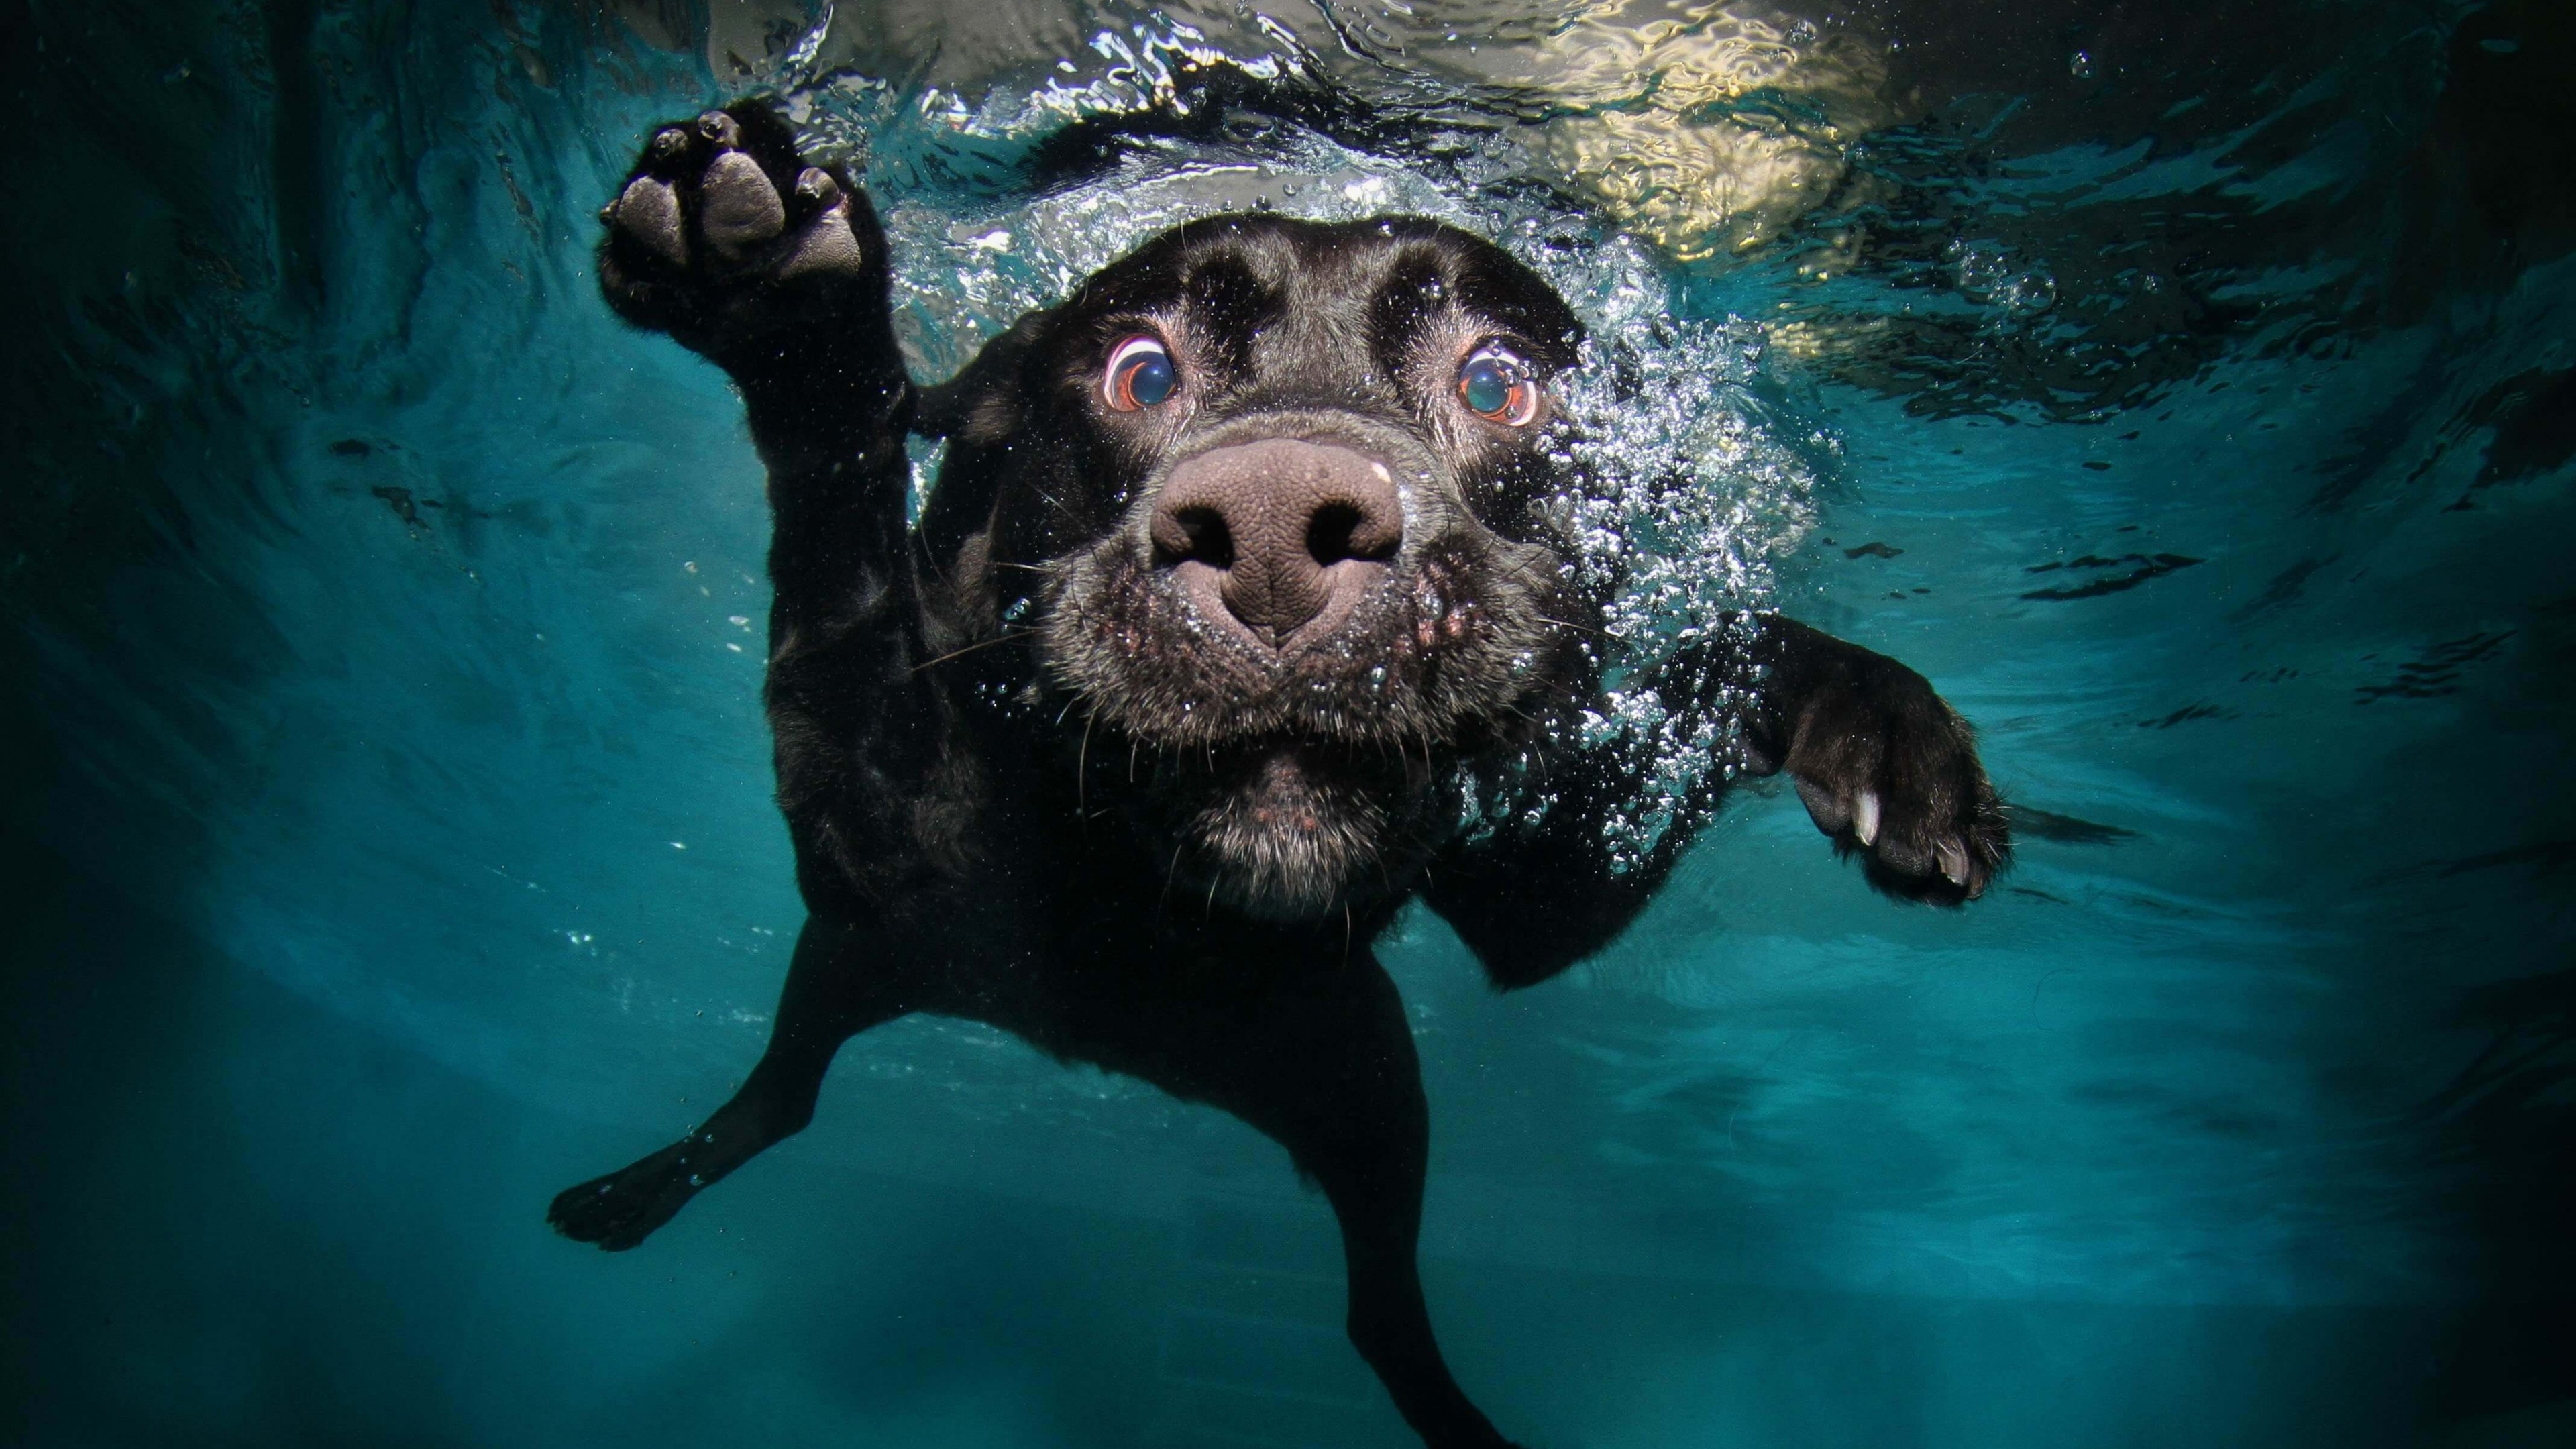 underwater dog wallpaper